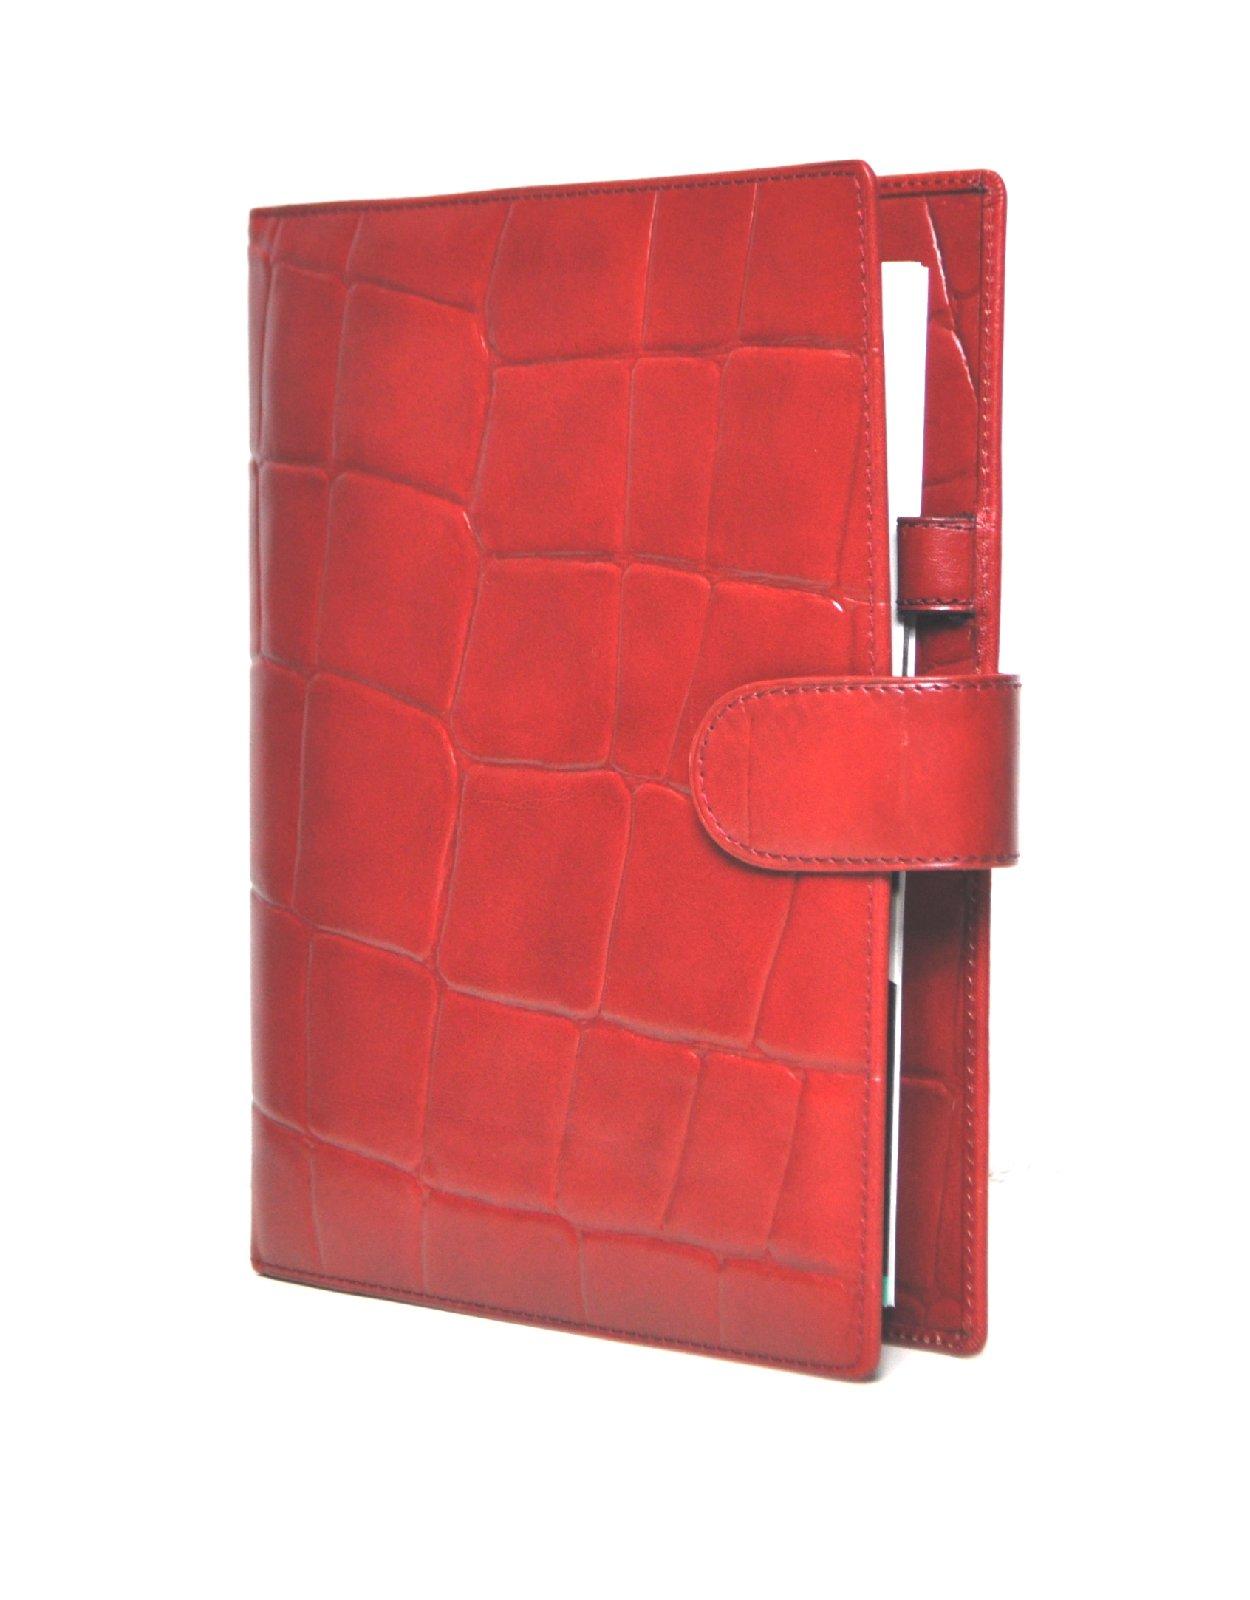 succes firenze a5 rot leder organiser. Black Bedroom Furniture Sets. Home Design Ideas